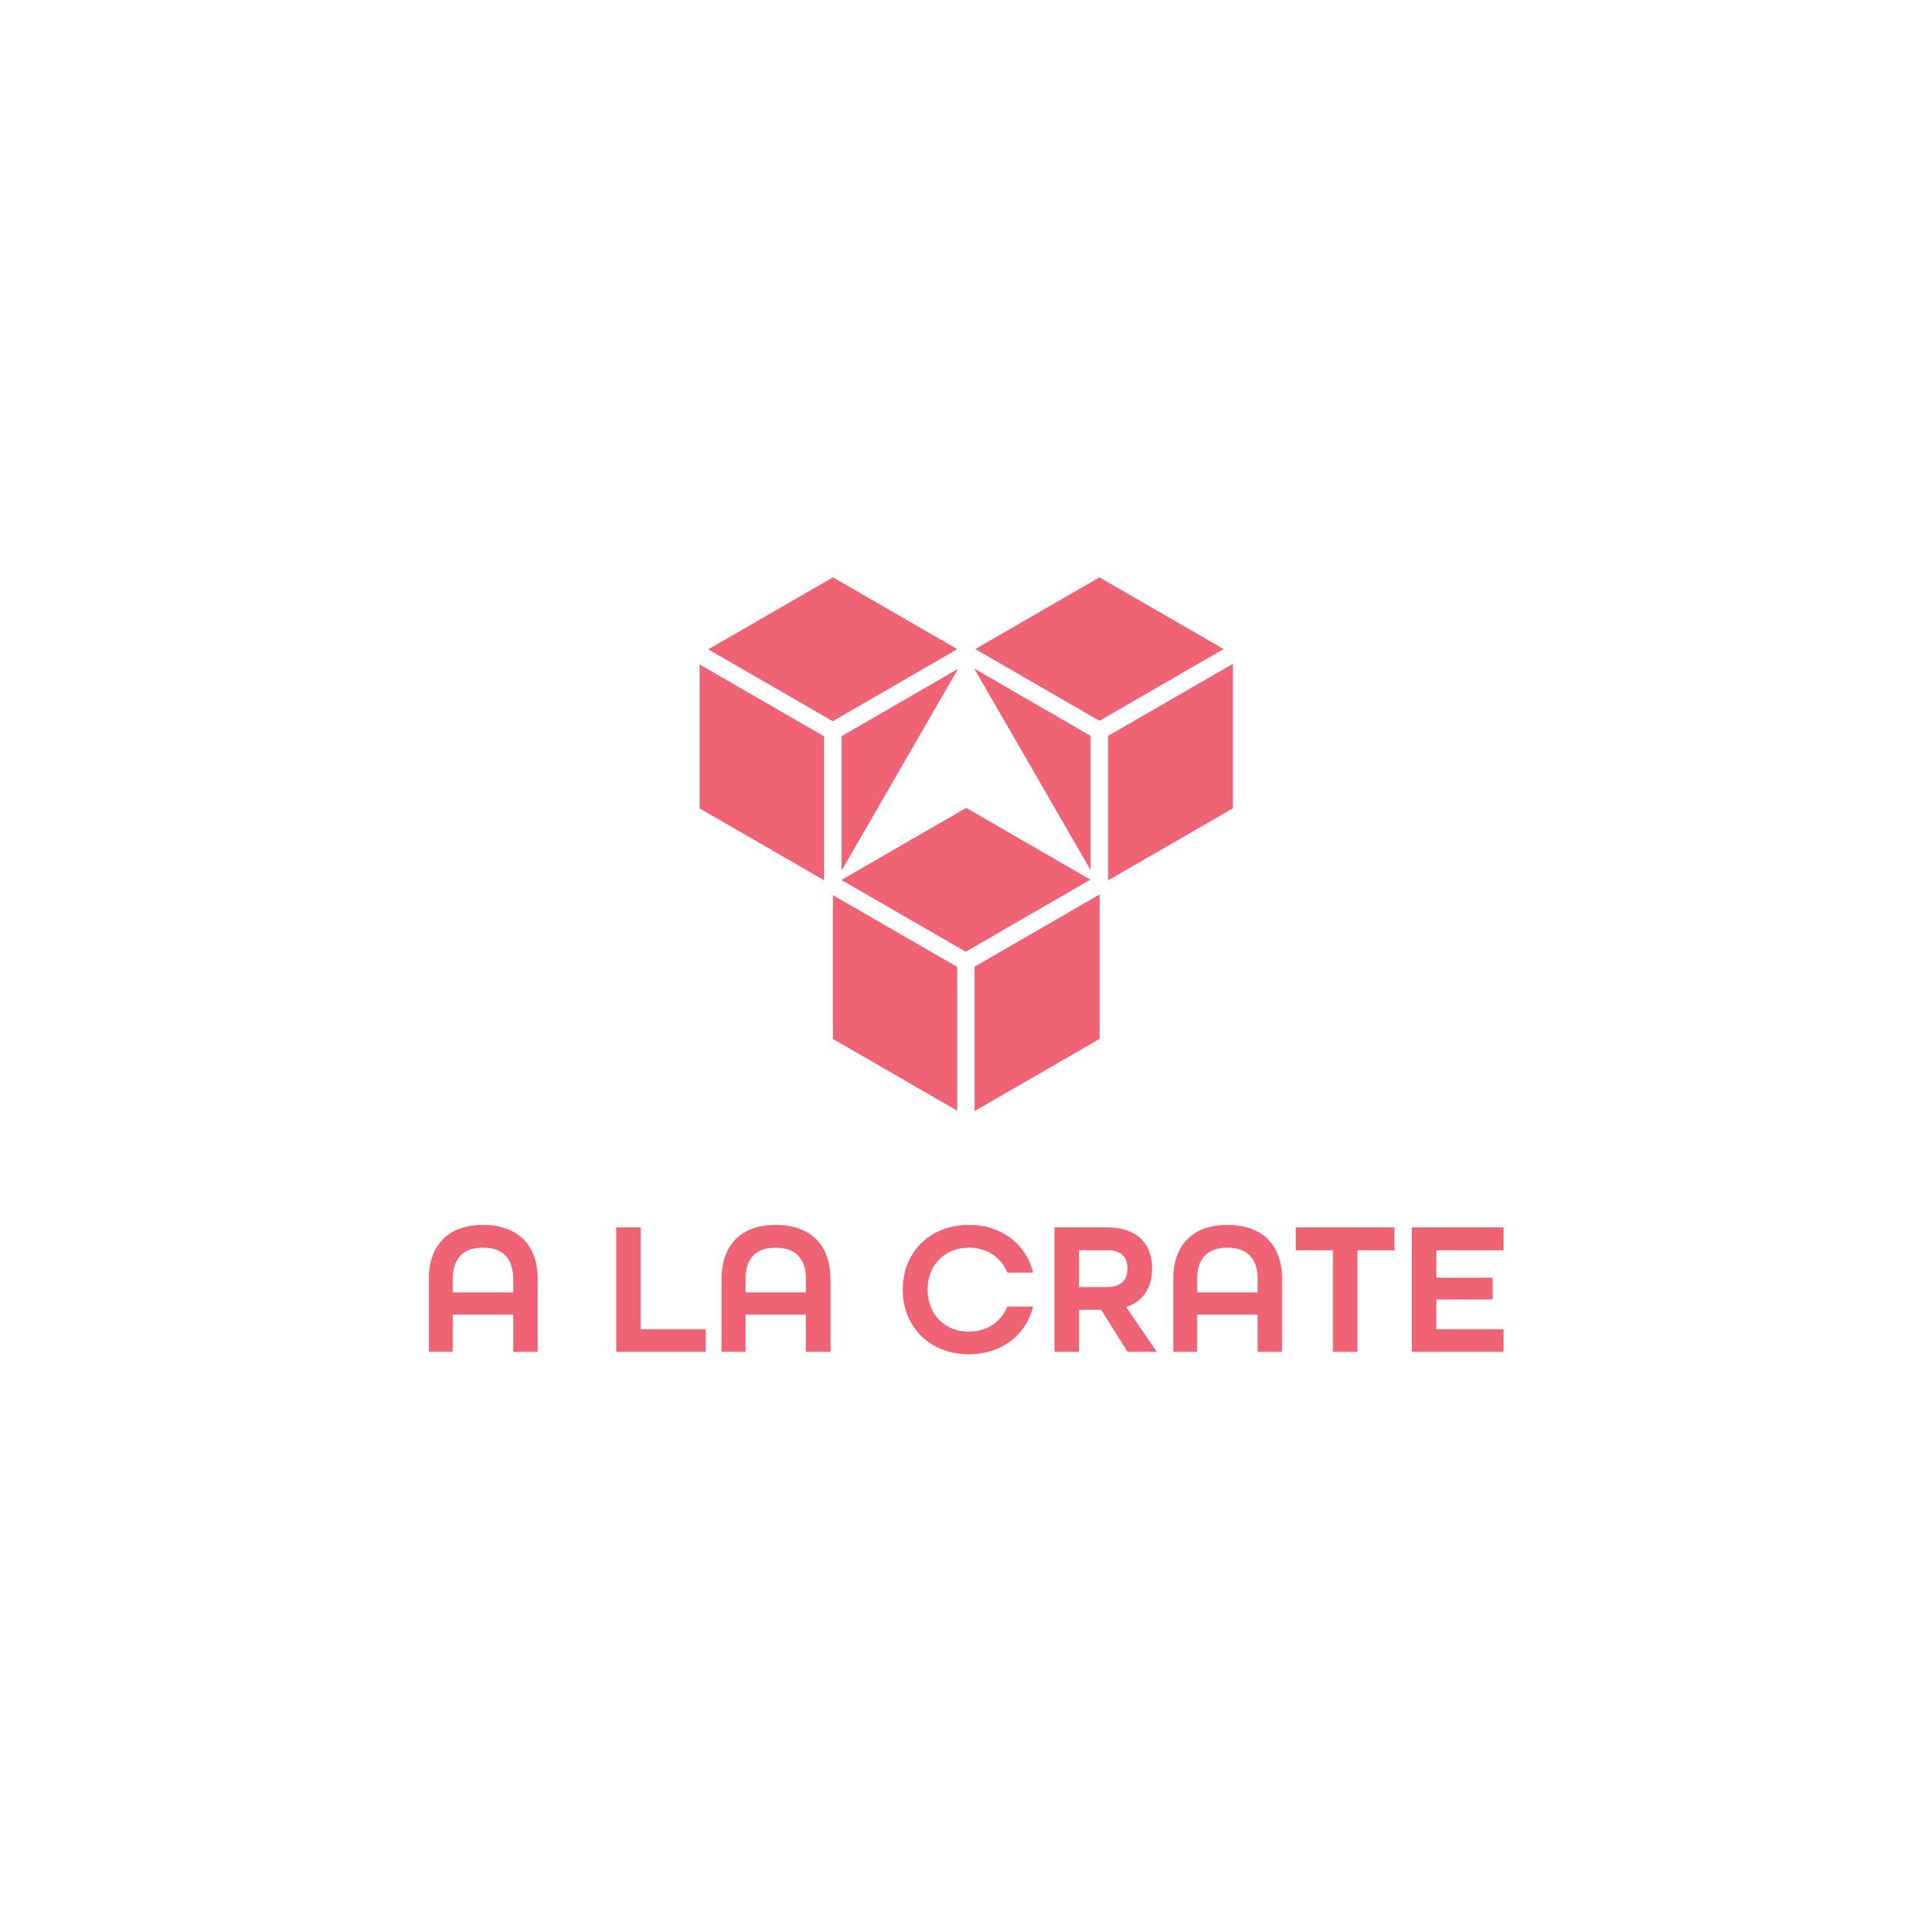 A La Crate.jpg